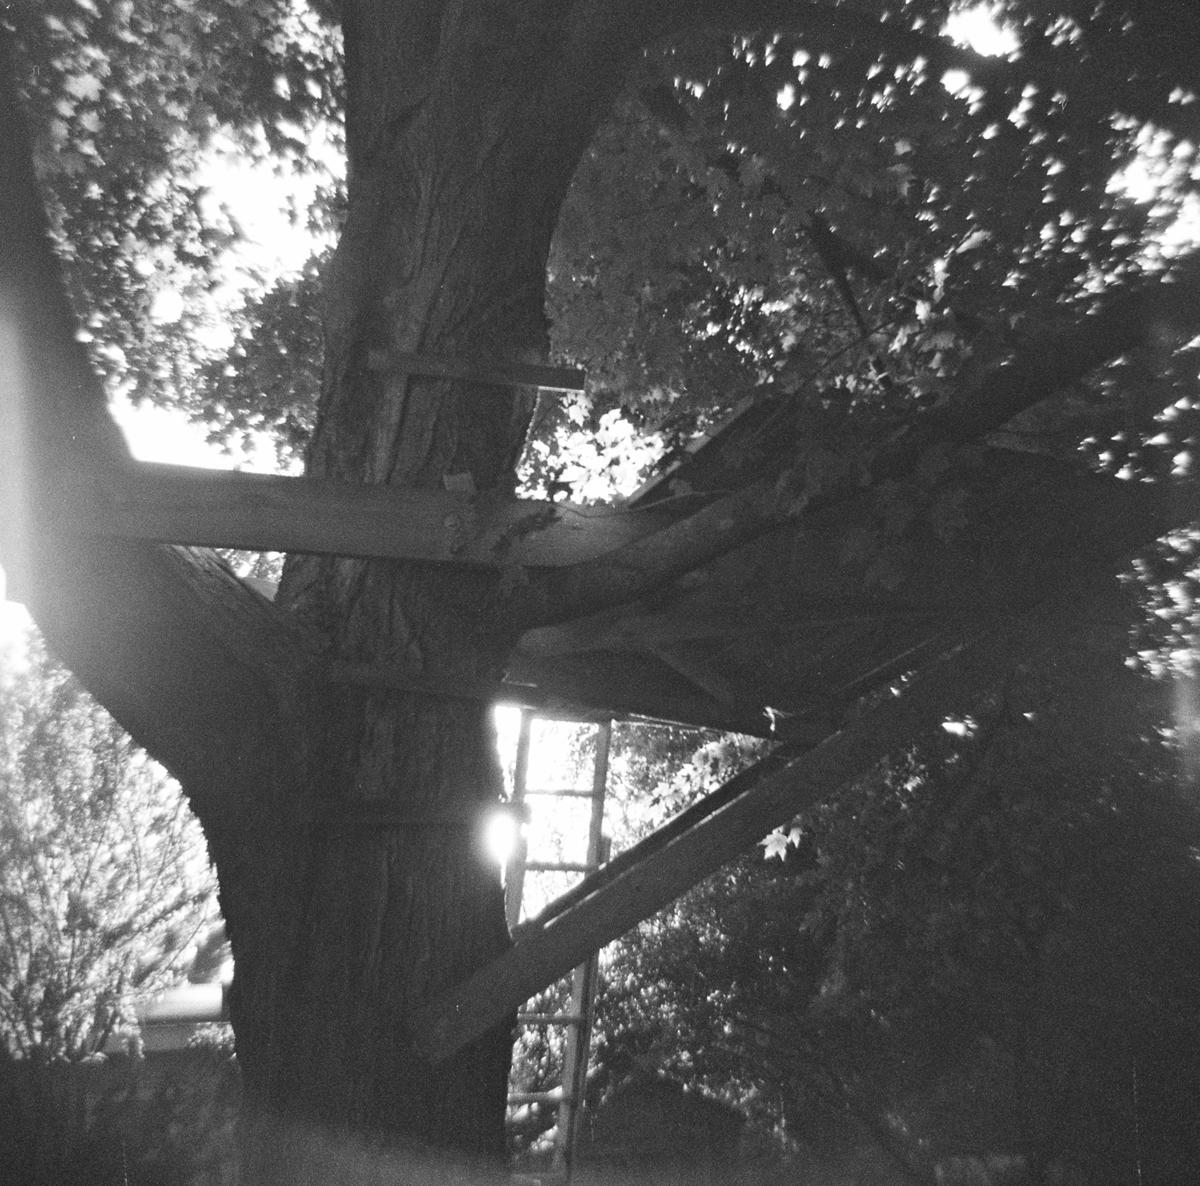 Backyard Perch